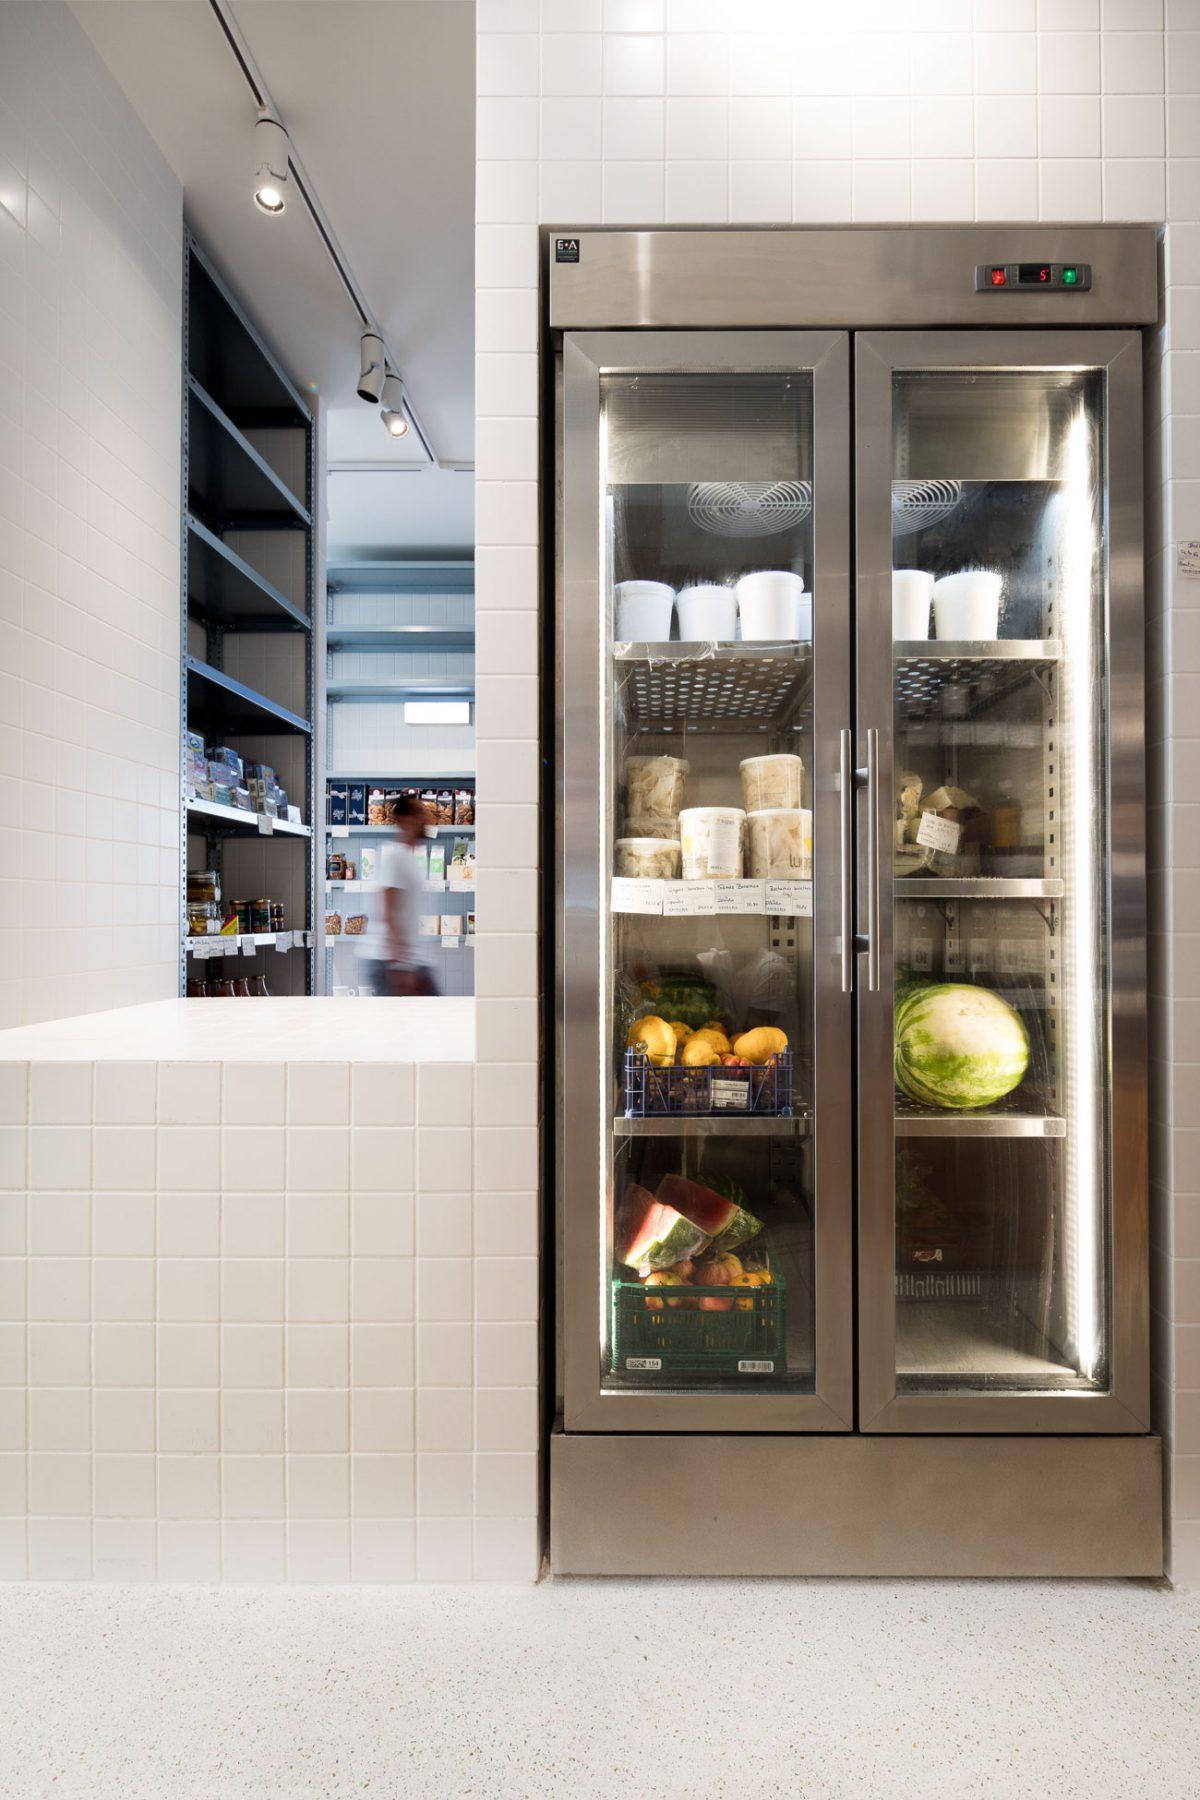 dc ad comida independente architecture 05